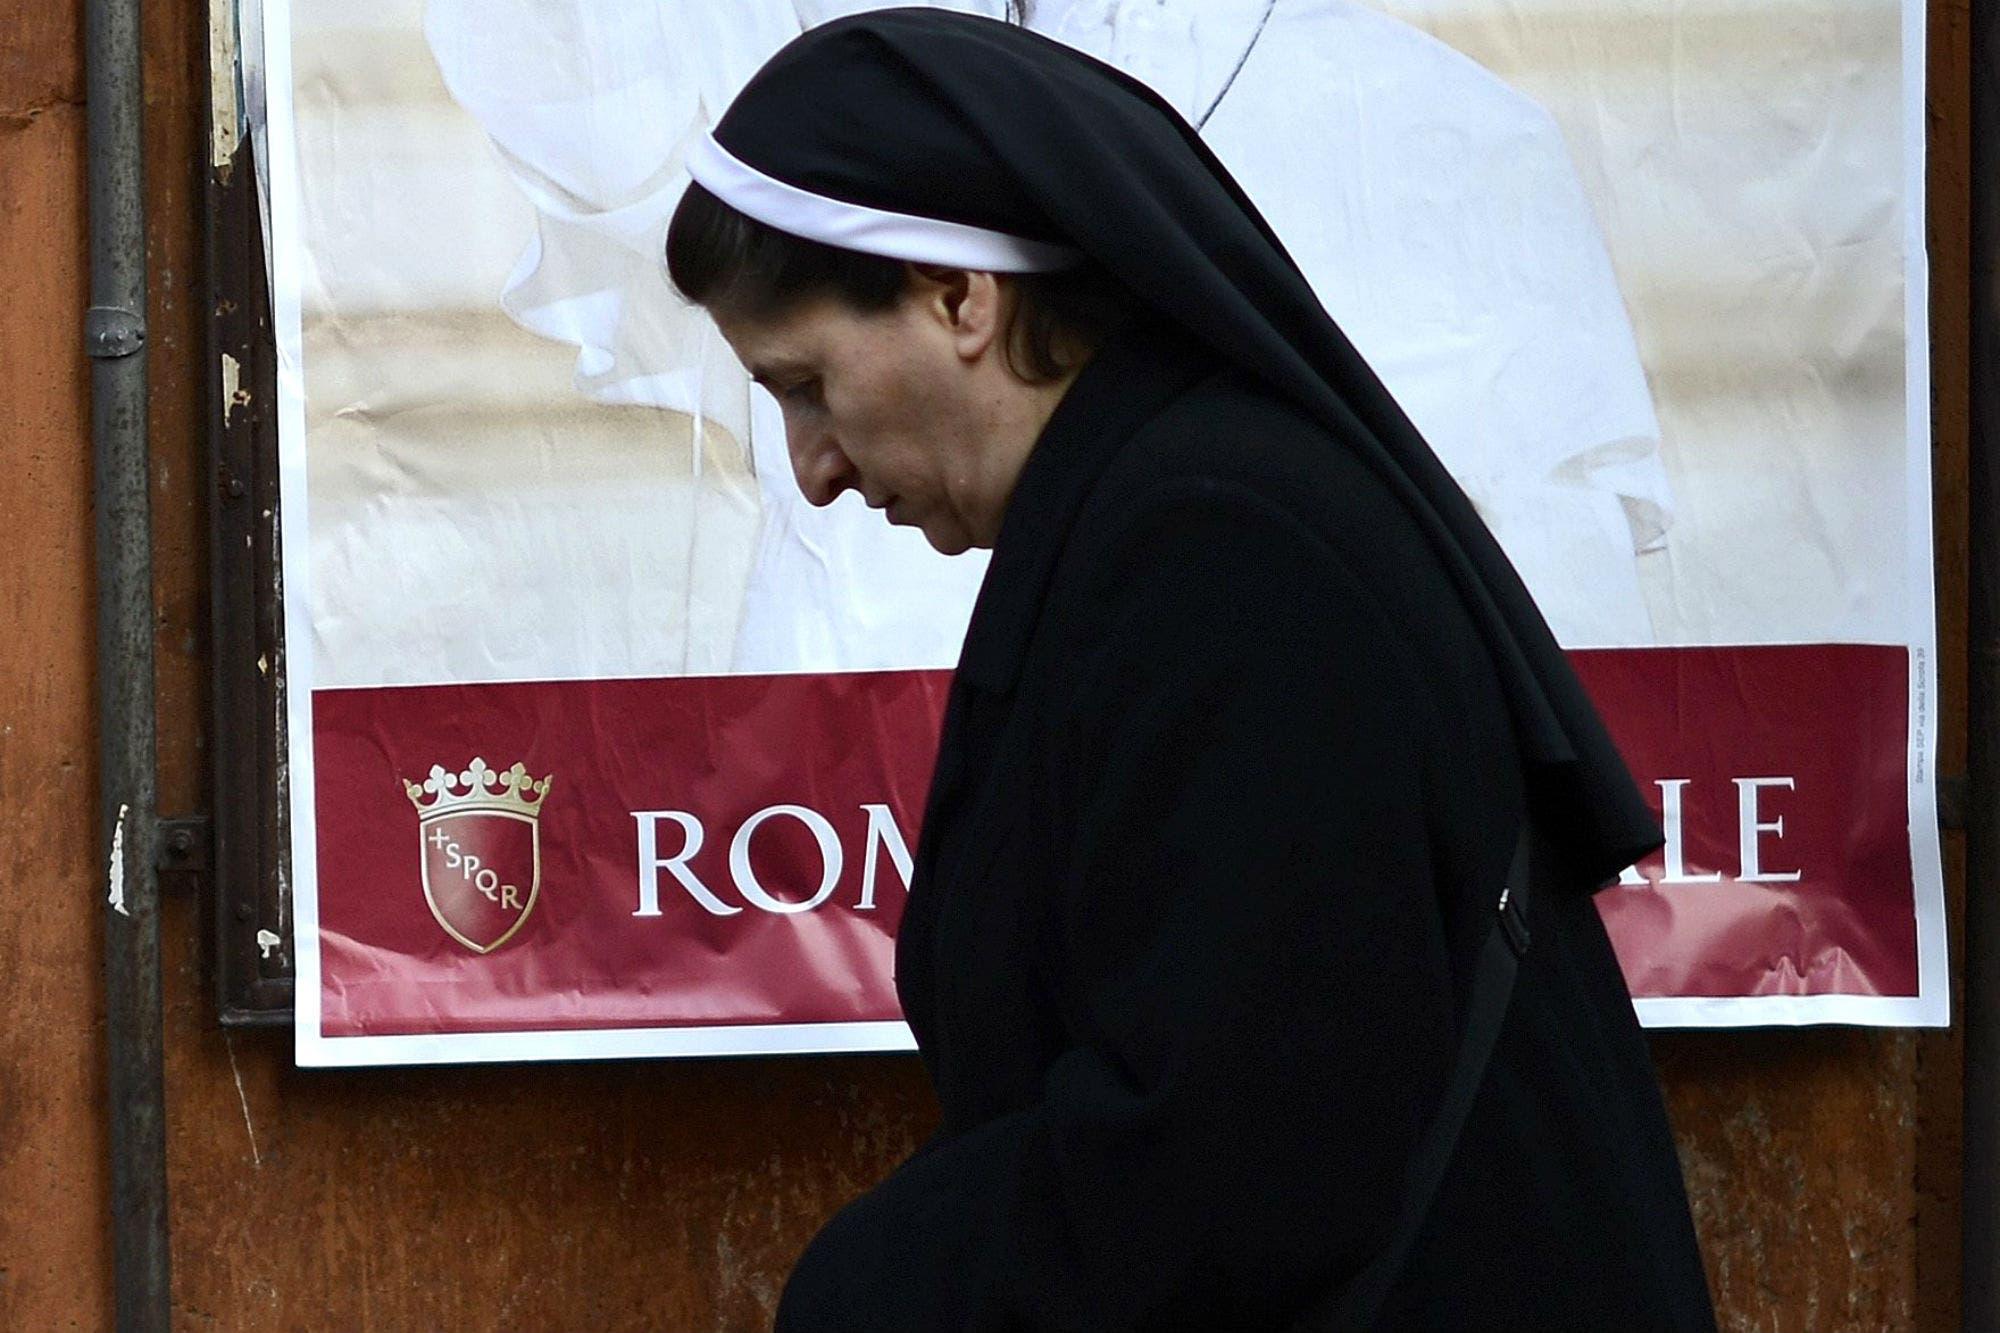 Actor Porno Con Sirvienta una revista del vaticano denuncia que cardenales y obispos